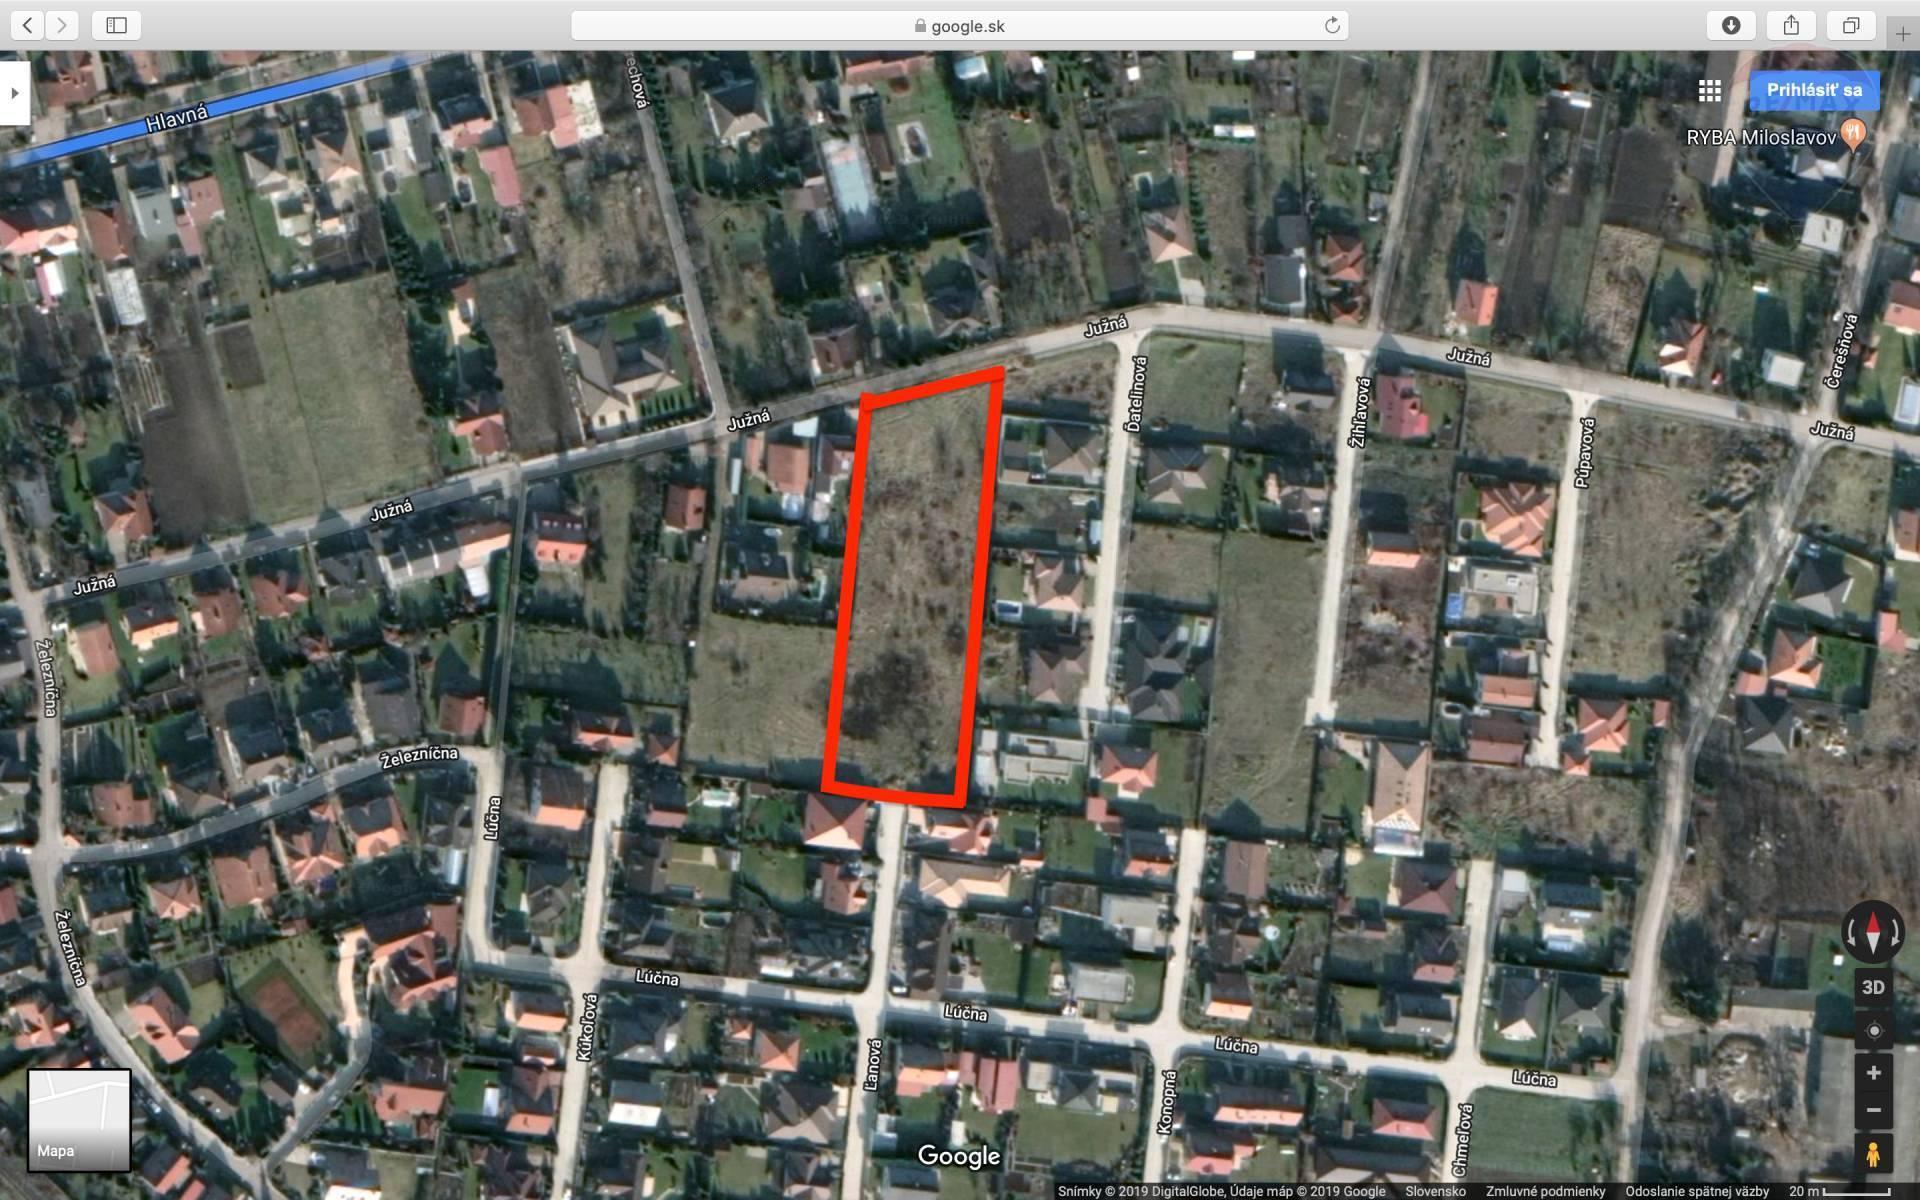 Stavebný pozemok v zastavanej časti Alžbetin Dvor o rozlohe 5331m2